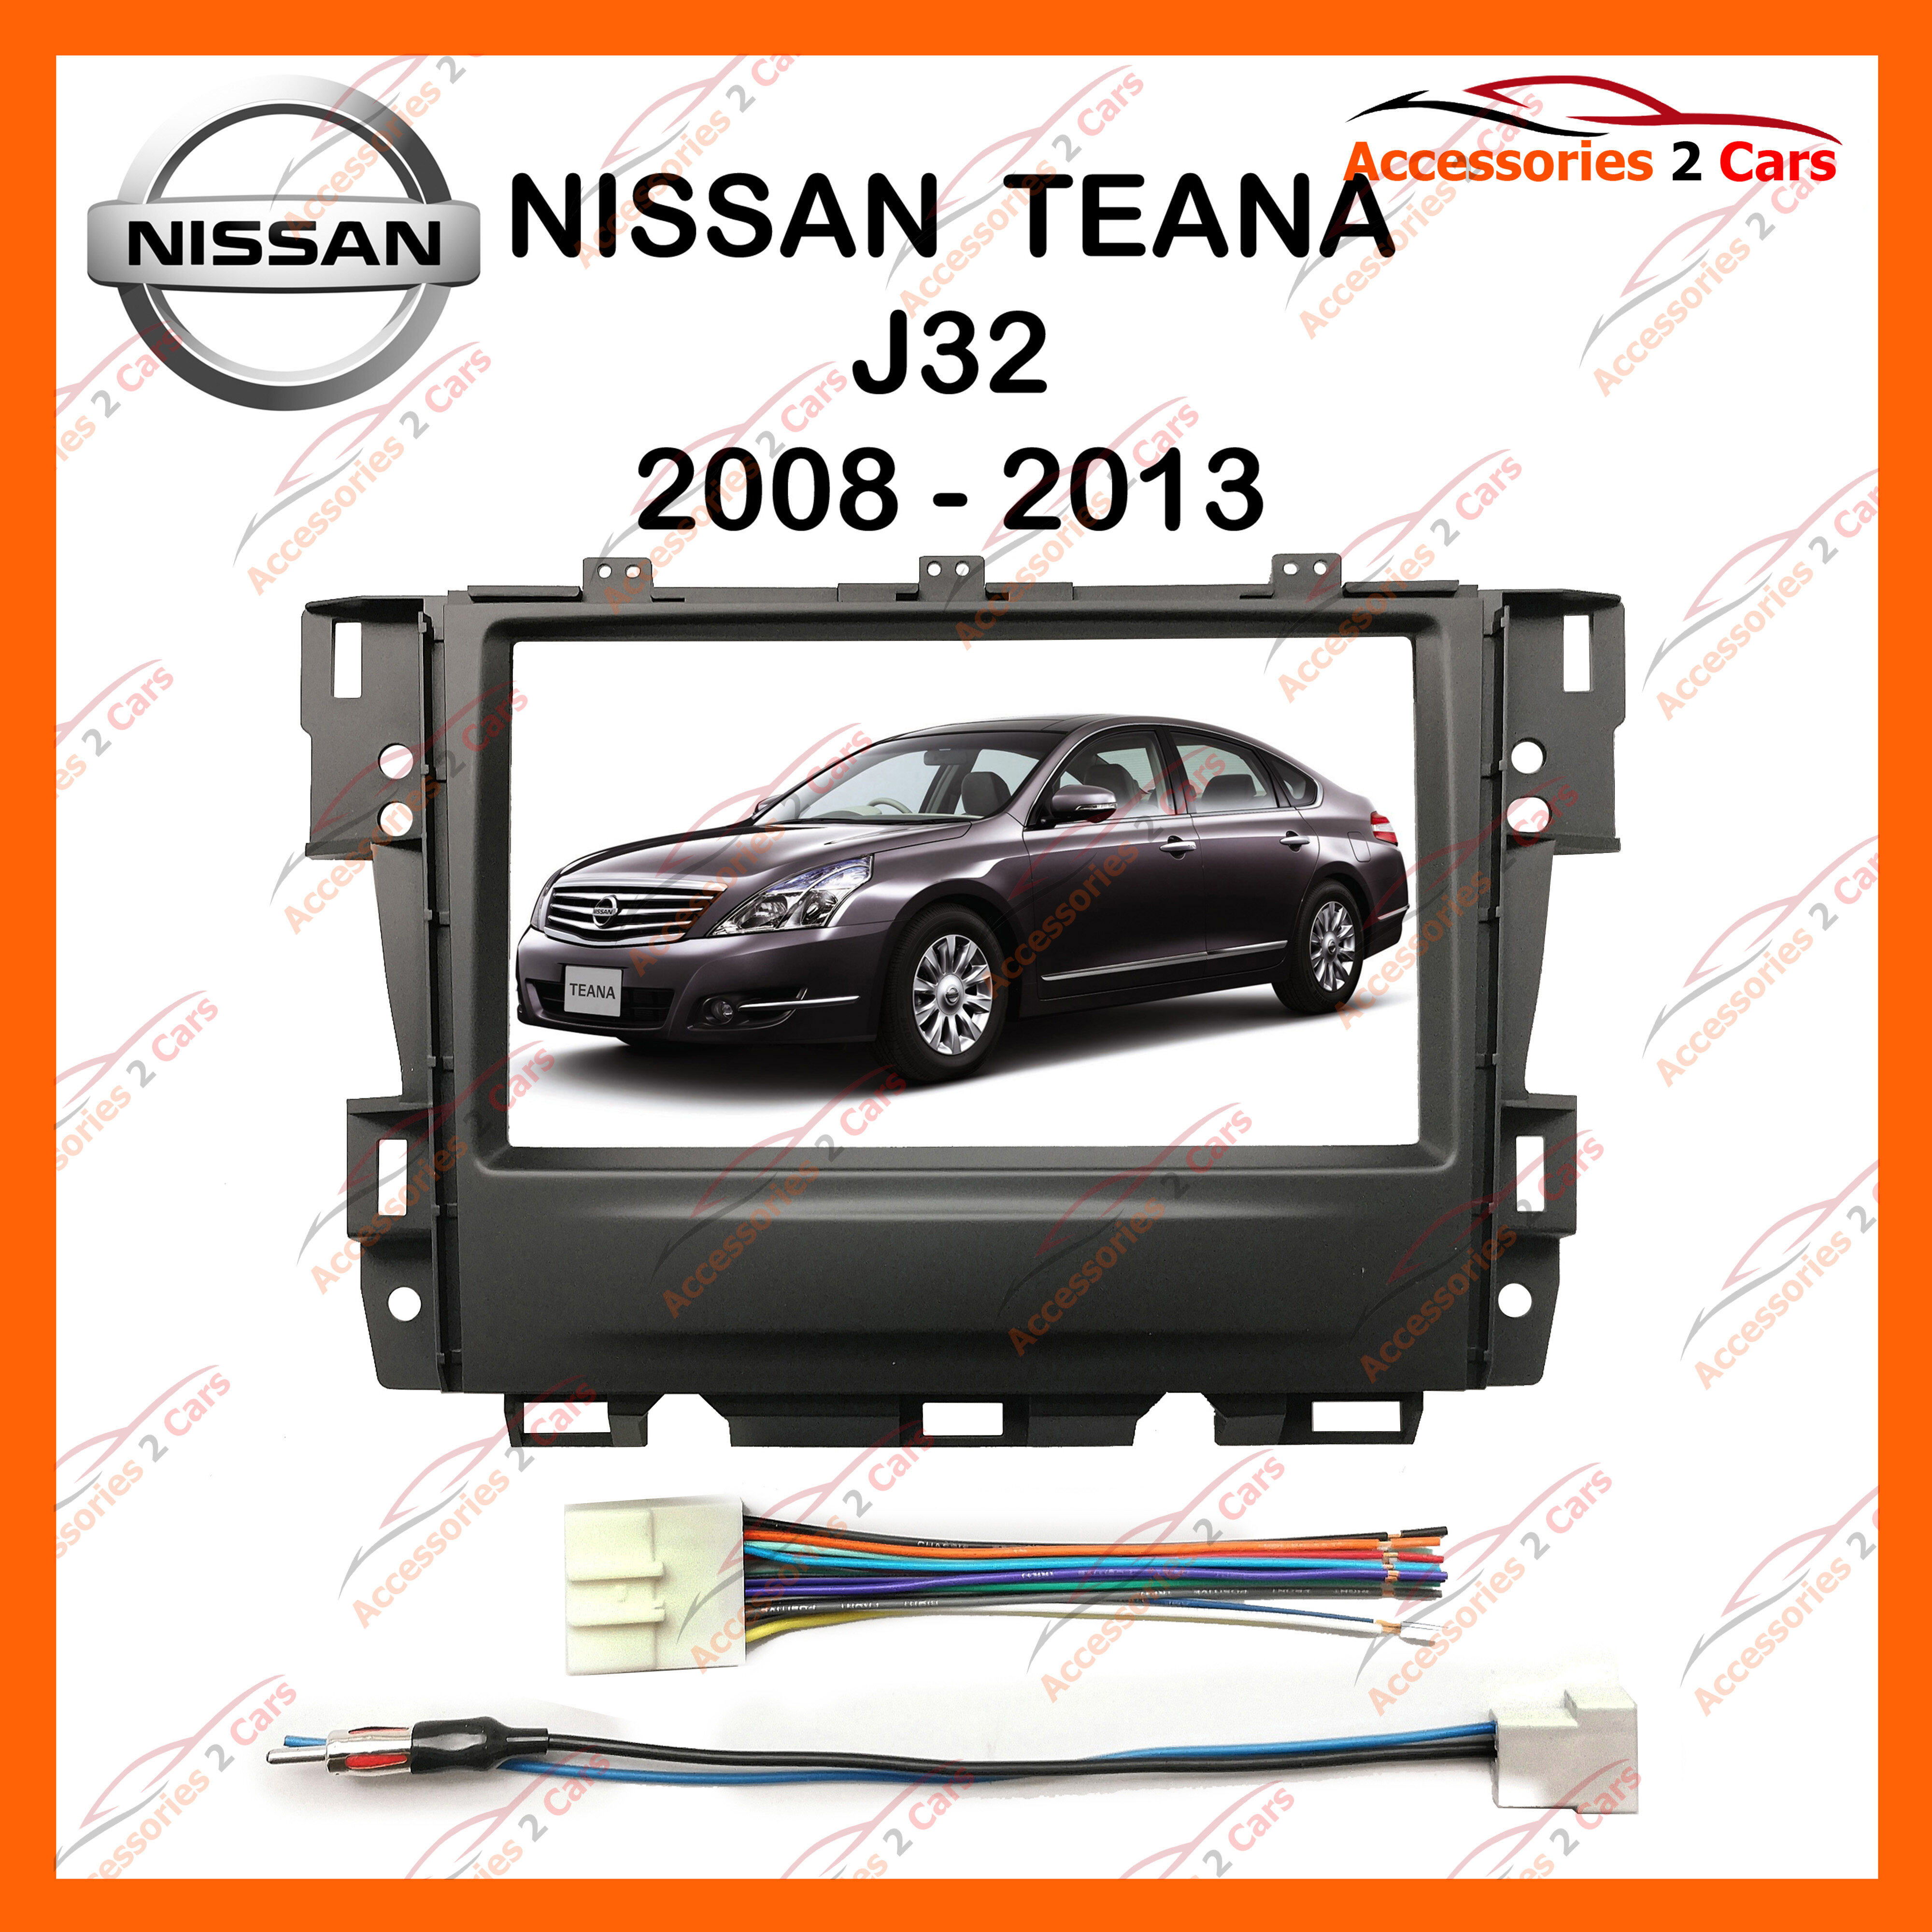 โปรโมชั่น หน้ากากวิทยุรถยนต์ NISSAN TEANA J32 2DIN สำหรับจอ 7 นิ้ว (NV-NI-002)